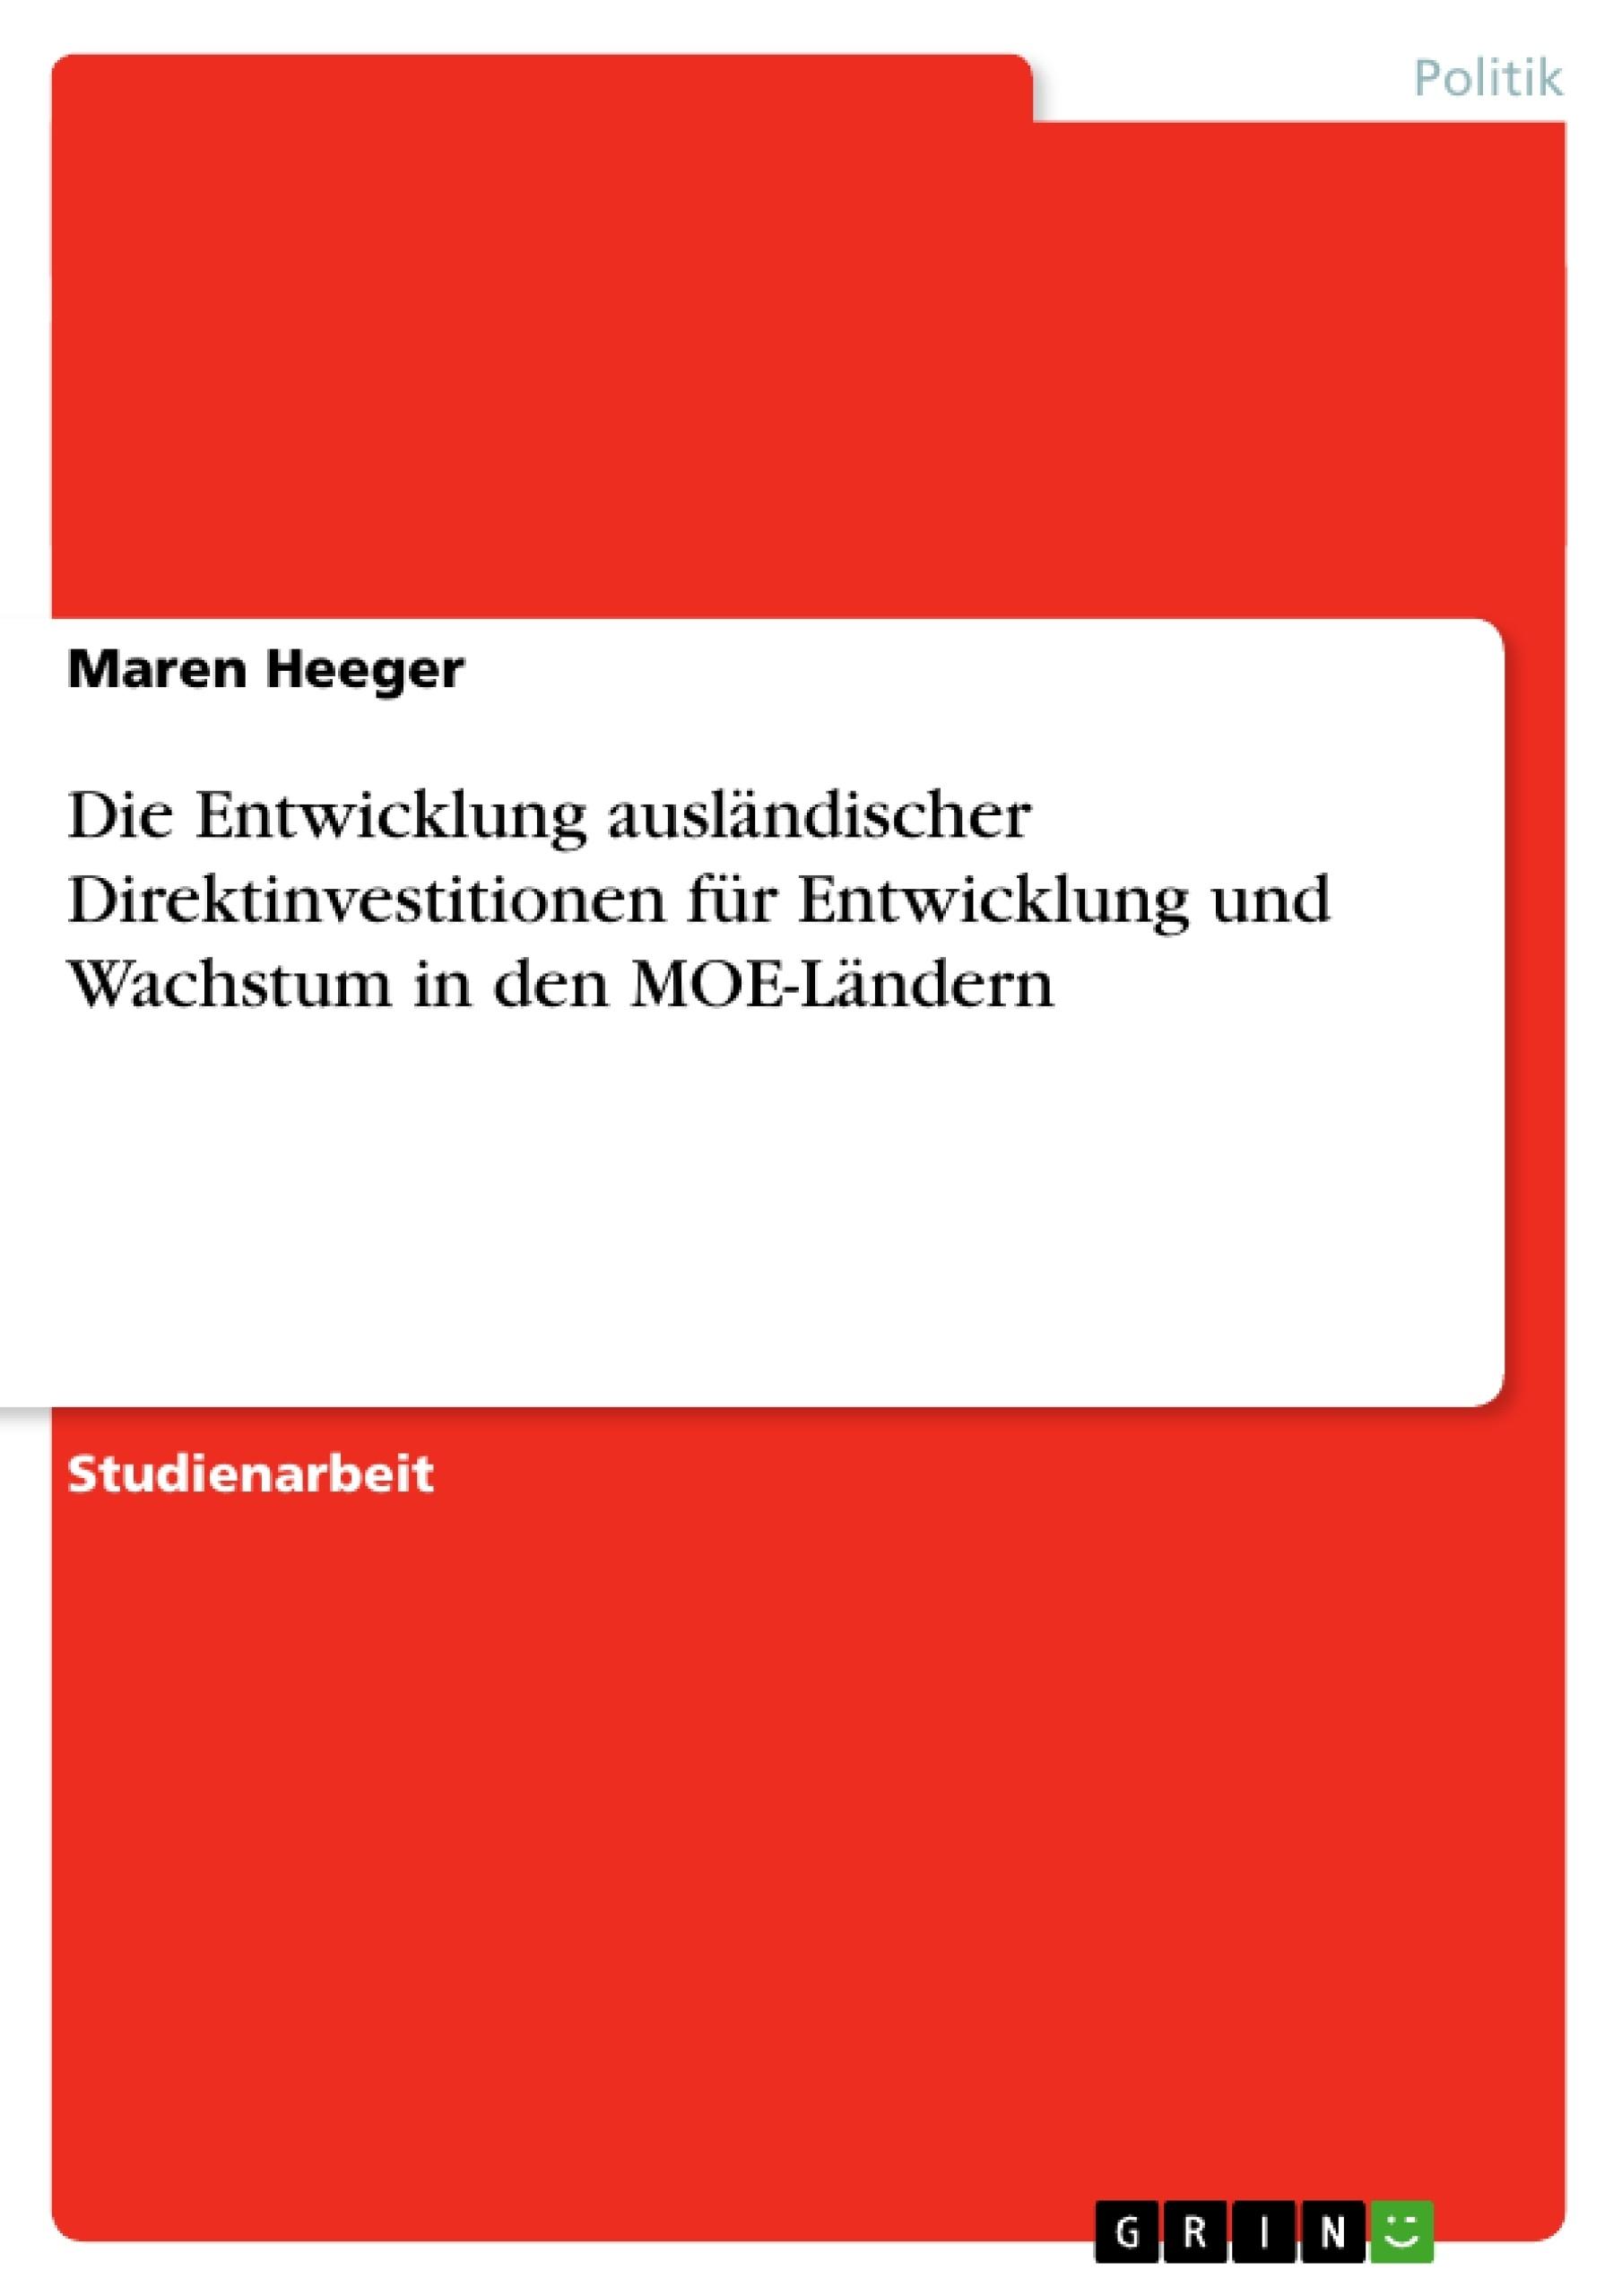 Titel: Die Entwicklung ausländischer Direktinvestitionen für Entwicklung und Wachstum in den MOE-Ländern